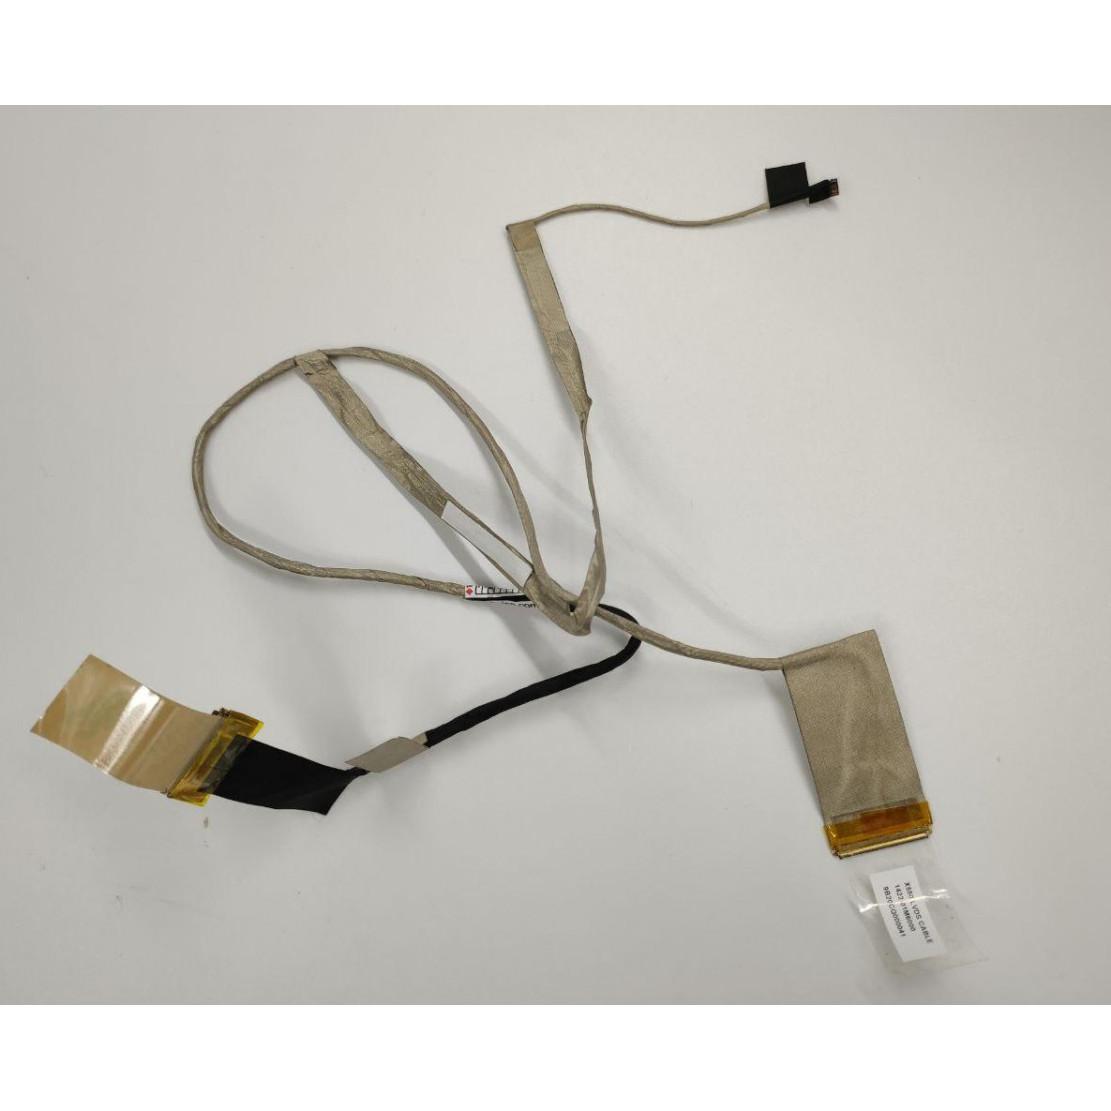 Шлейф матриці для ноутбука Asus X550, X550M, X550C, X550CA, X550CA, X550CC, X550CL, X550D, A55,0 R510CA,